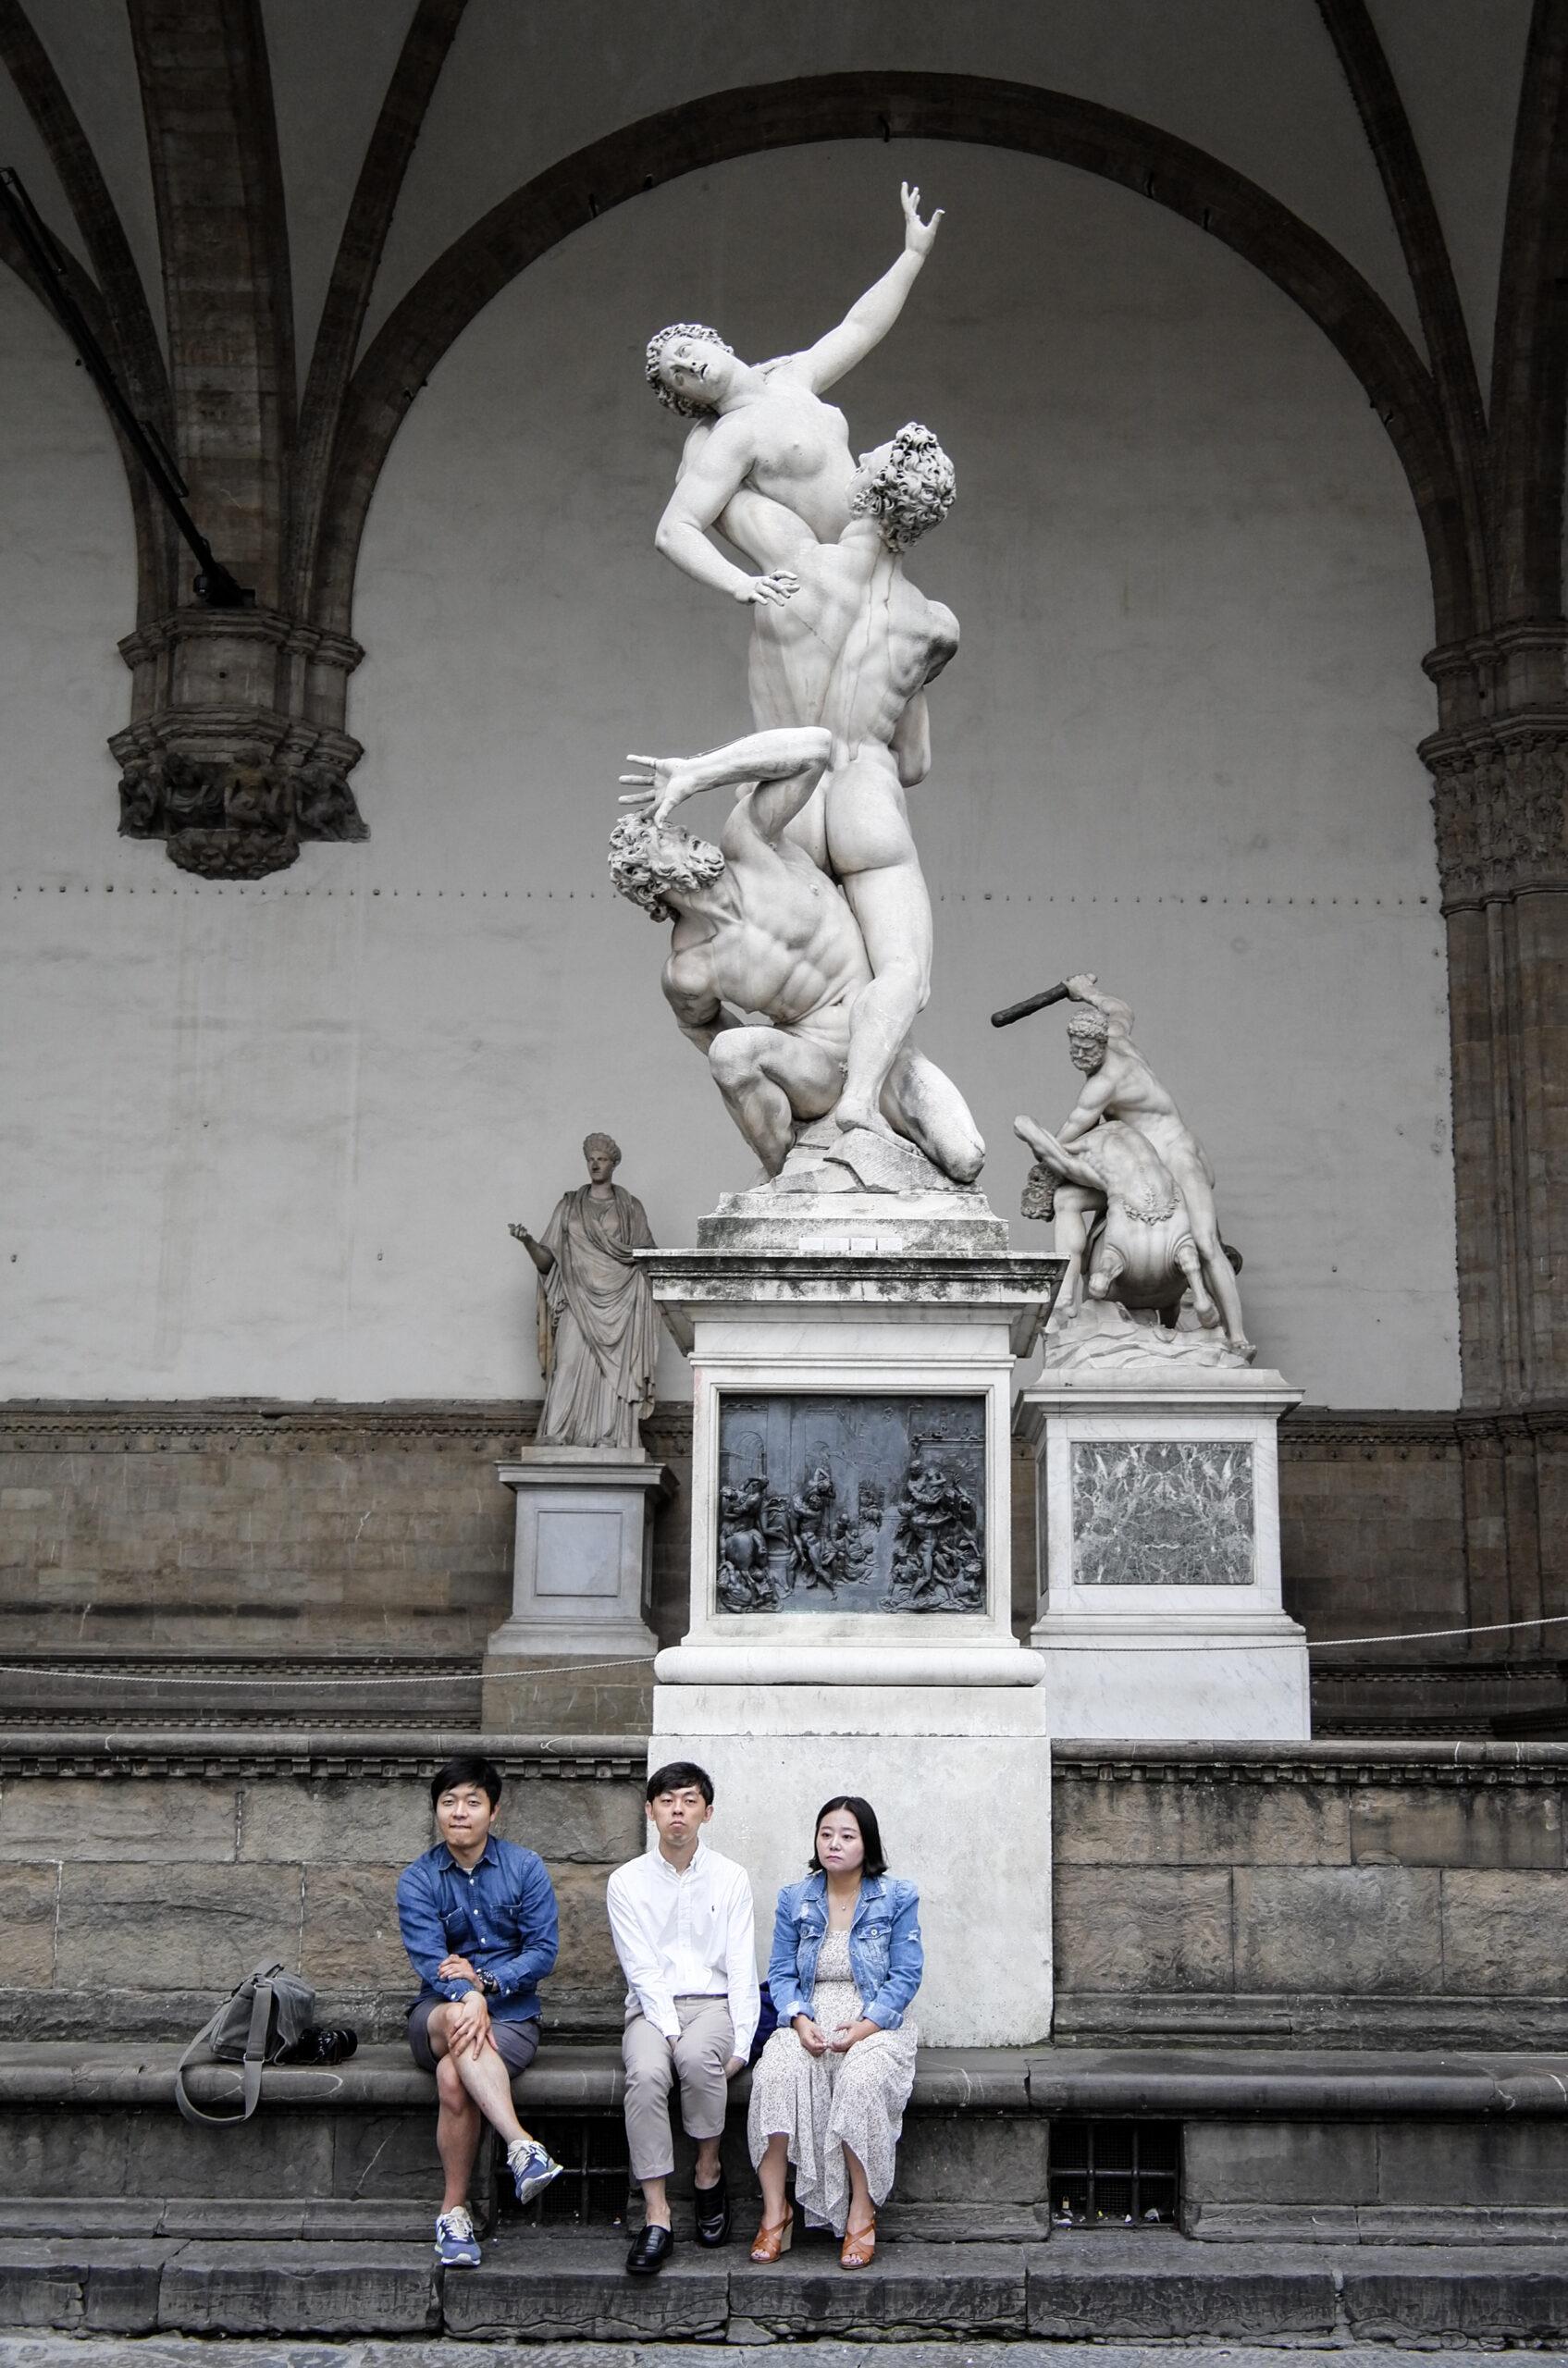 Florenz – Michelangelo und Giambologna Raub der Sabinerin